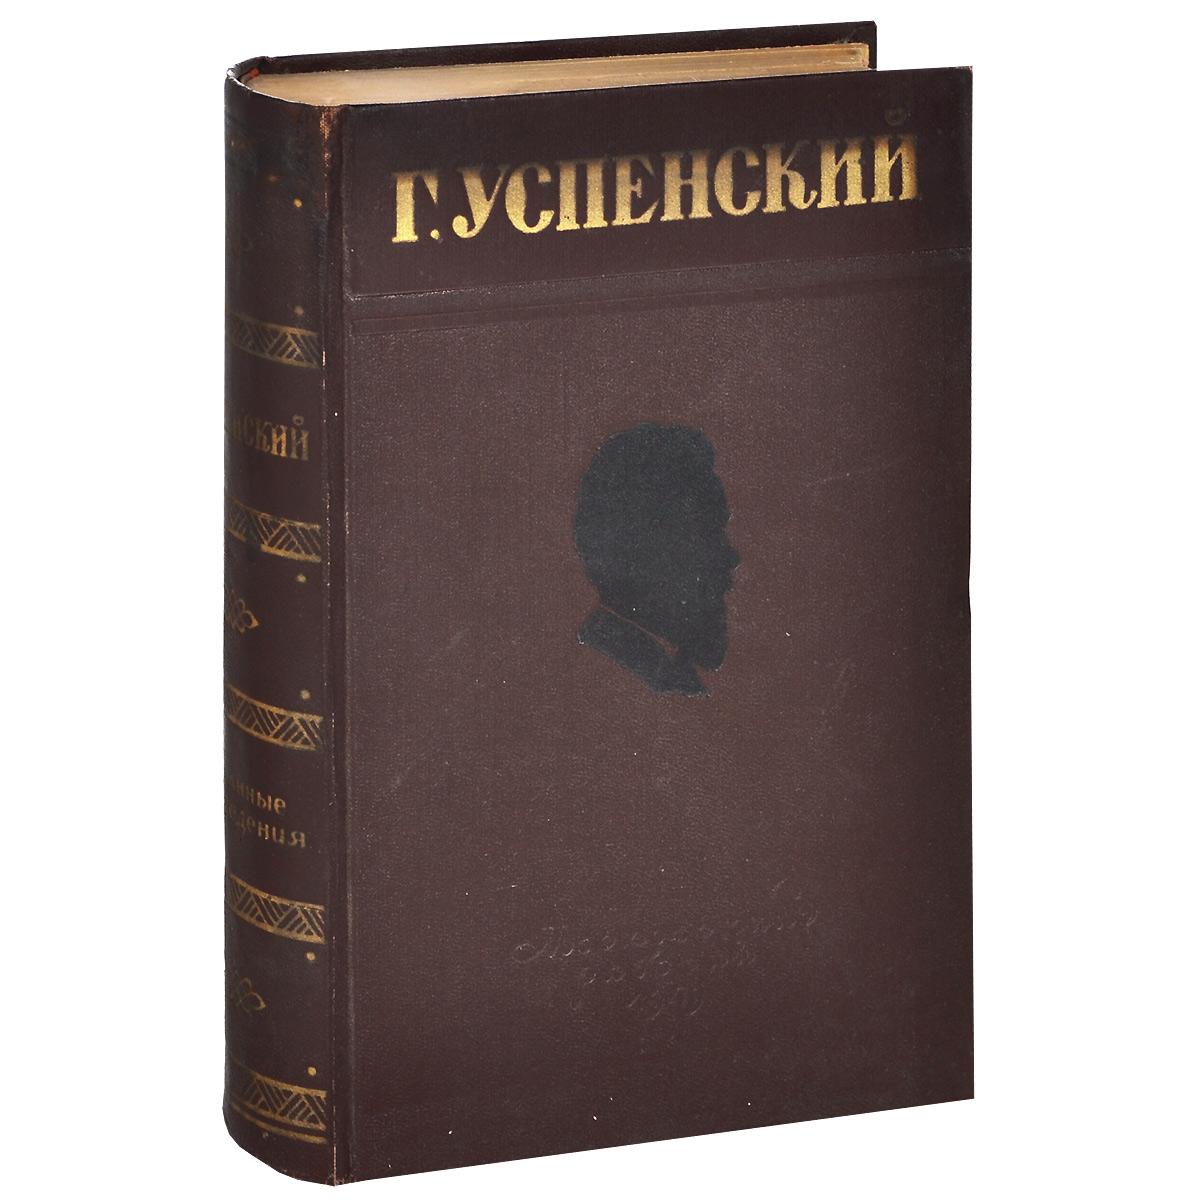 Г. Успенский. Избранные произведения